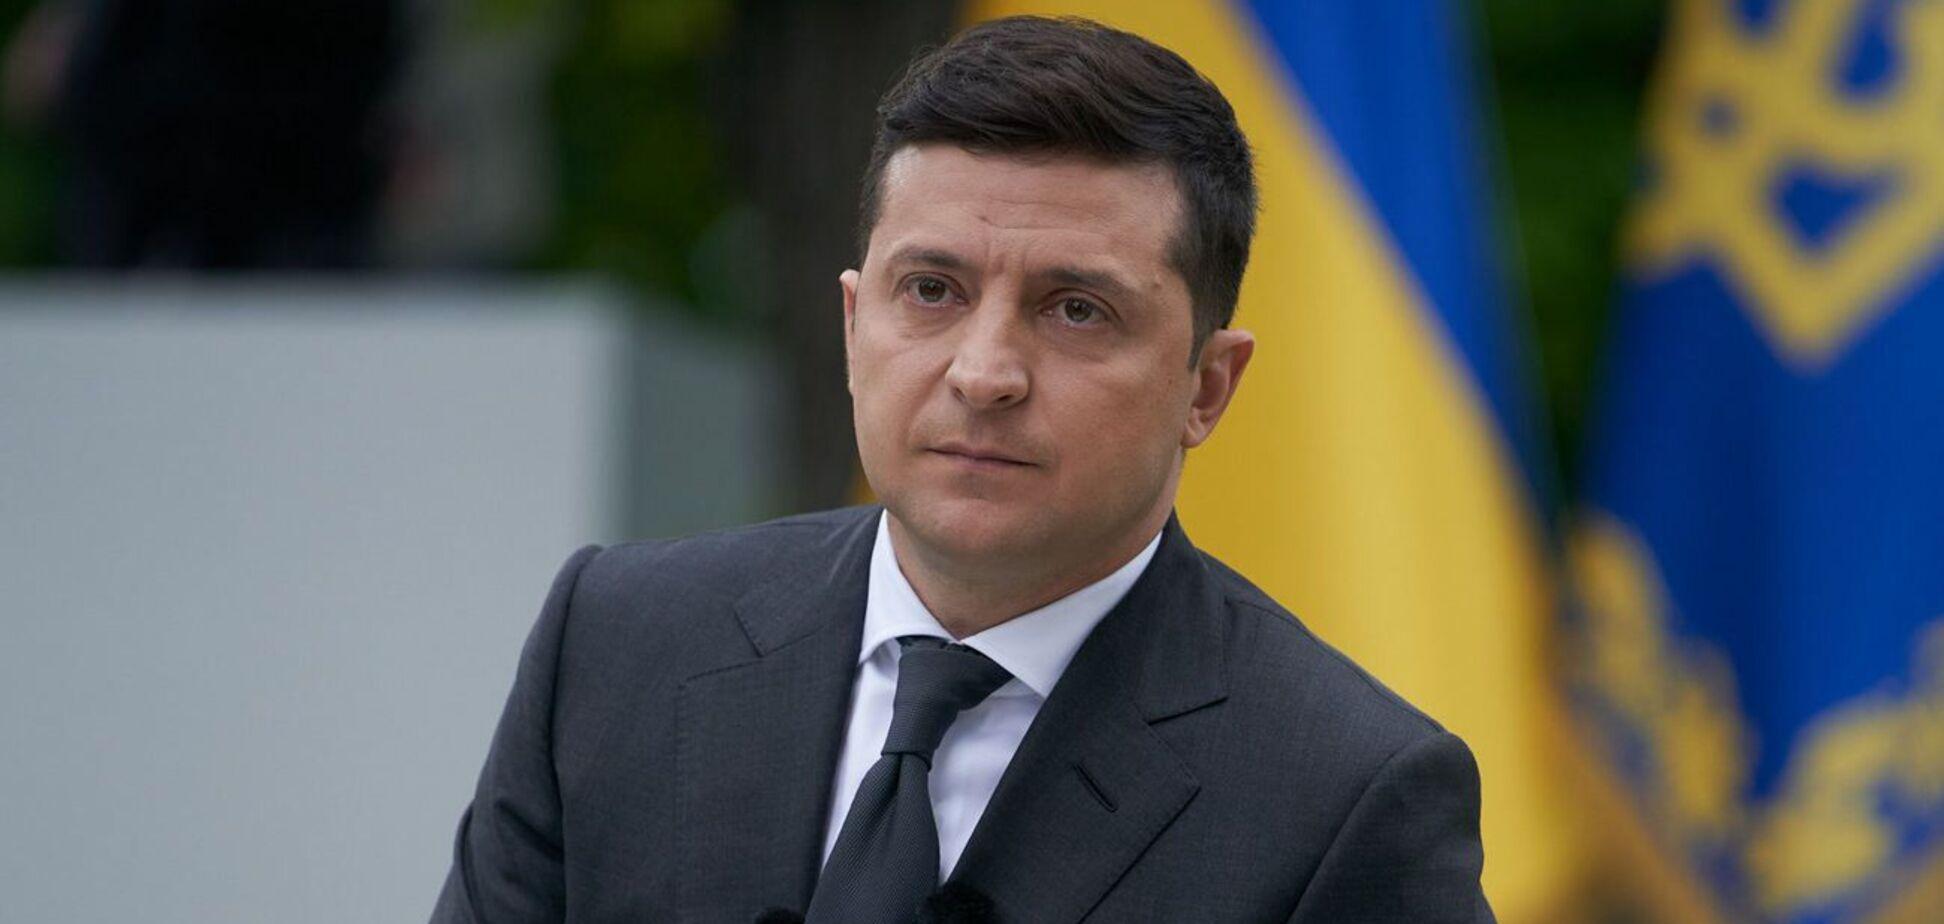 Зеленский заявил о желании видеть Украину в ЕС